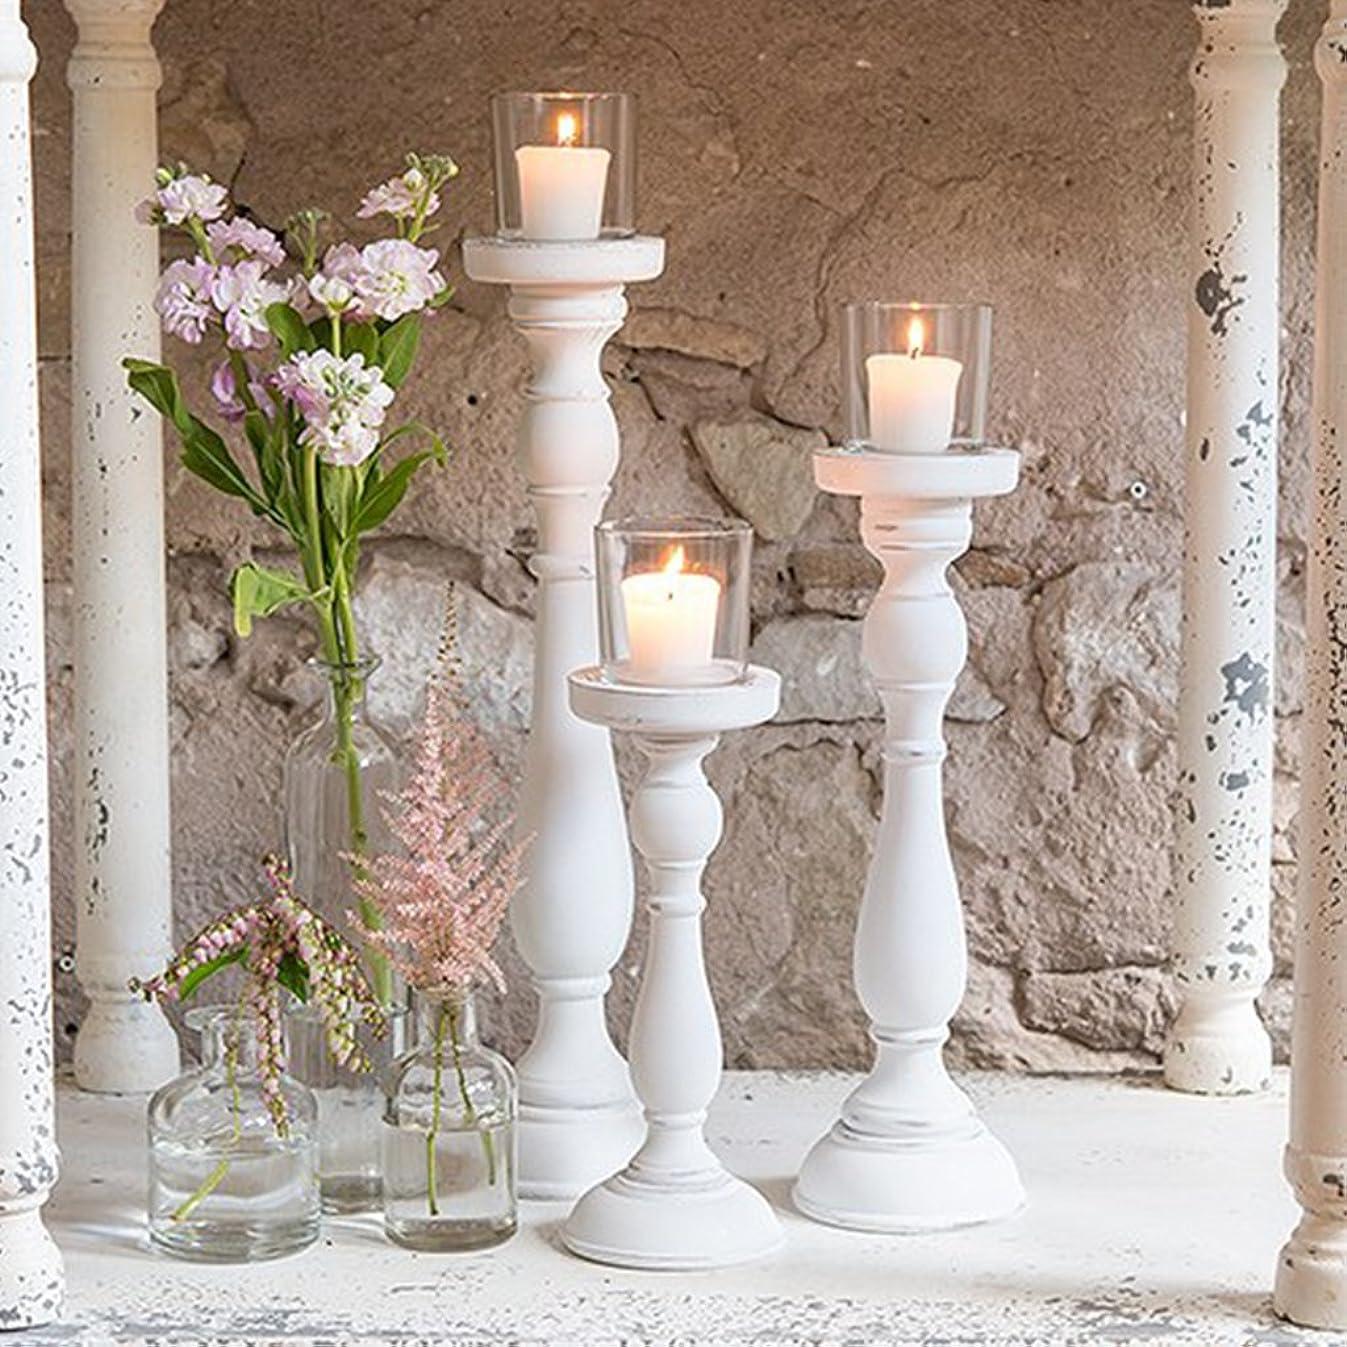 Weddingstar Inc. Shabby Chic Spindle Candle Holder Set White